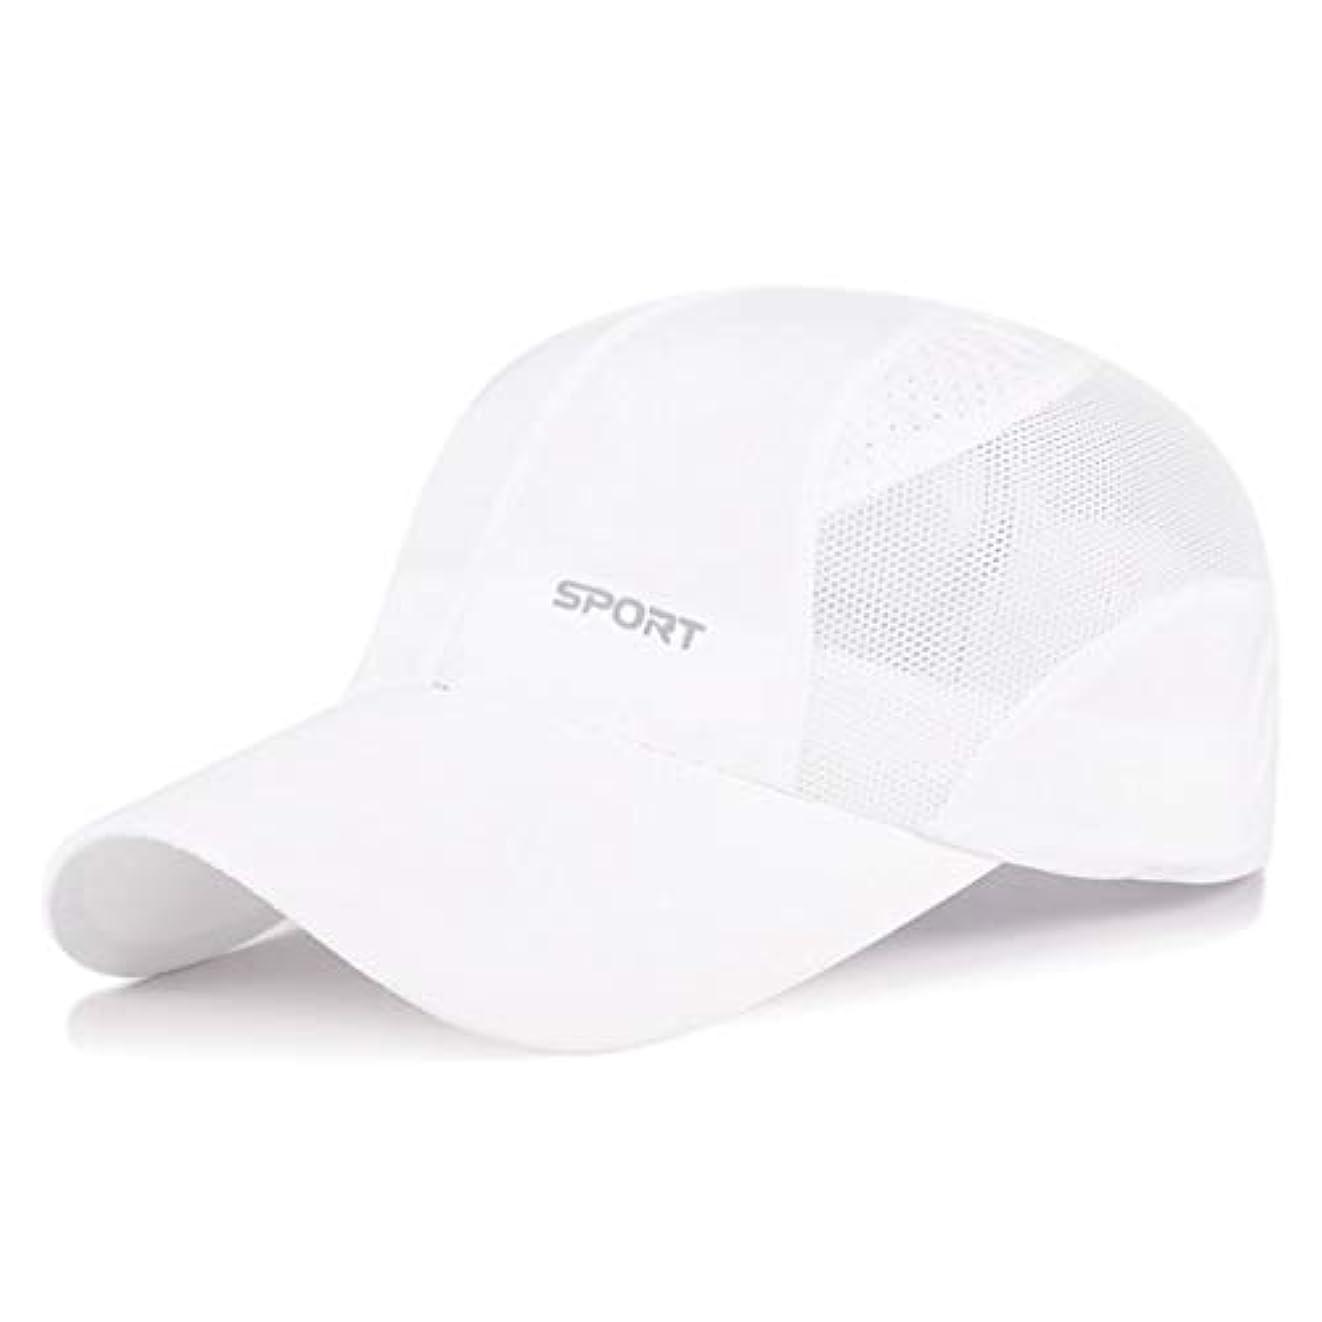 連続的白い救急車日よけ帽 日曜日帽子夏の男性と女性のアウトドアレジャースポーツ野球帽速乾性通気性メッシュキャップ日焼け止めバイザーキャップ54-59cm UPF 40+ ZHAOSHUNLI (Color : White)